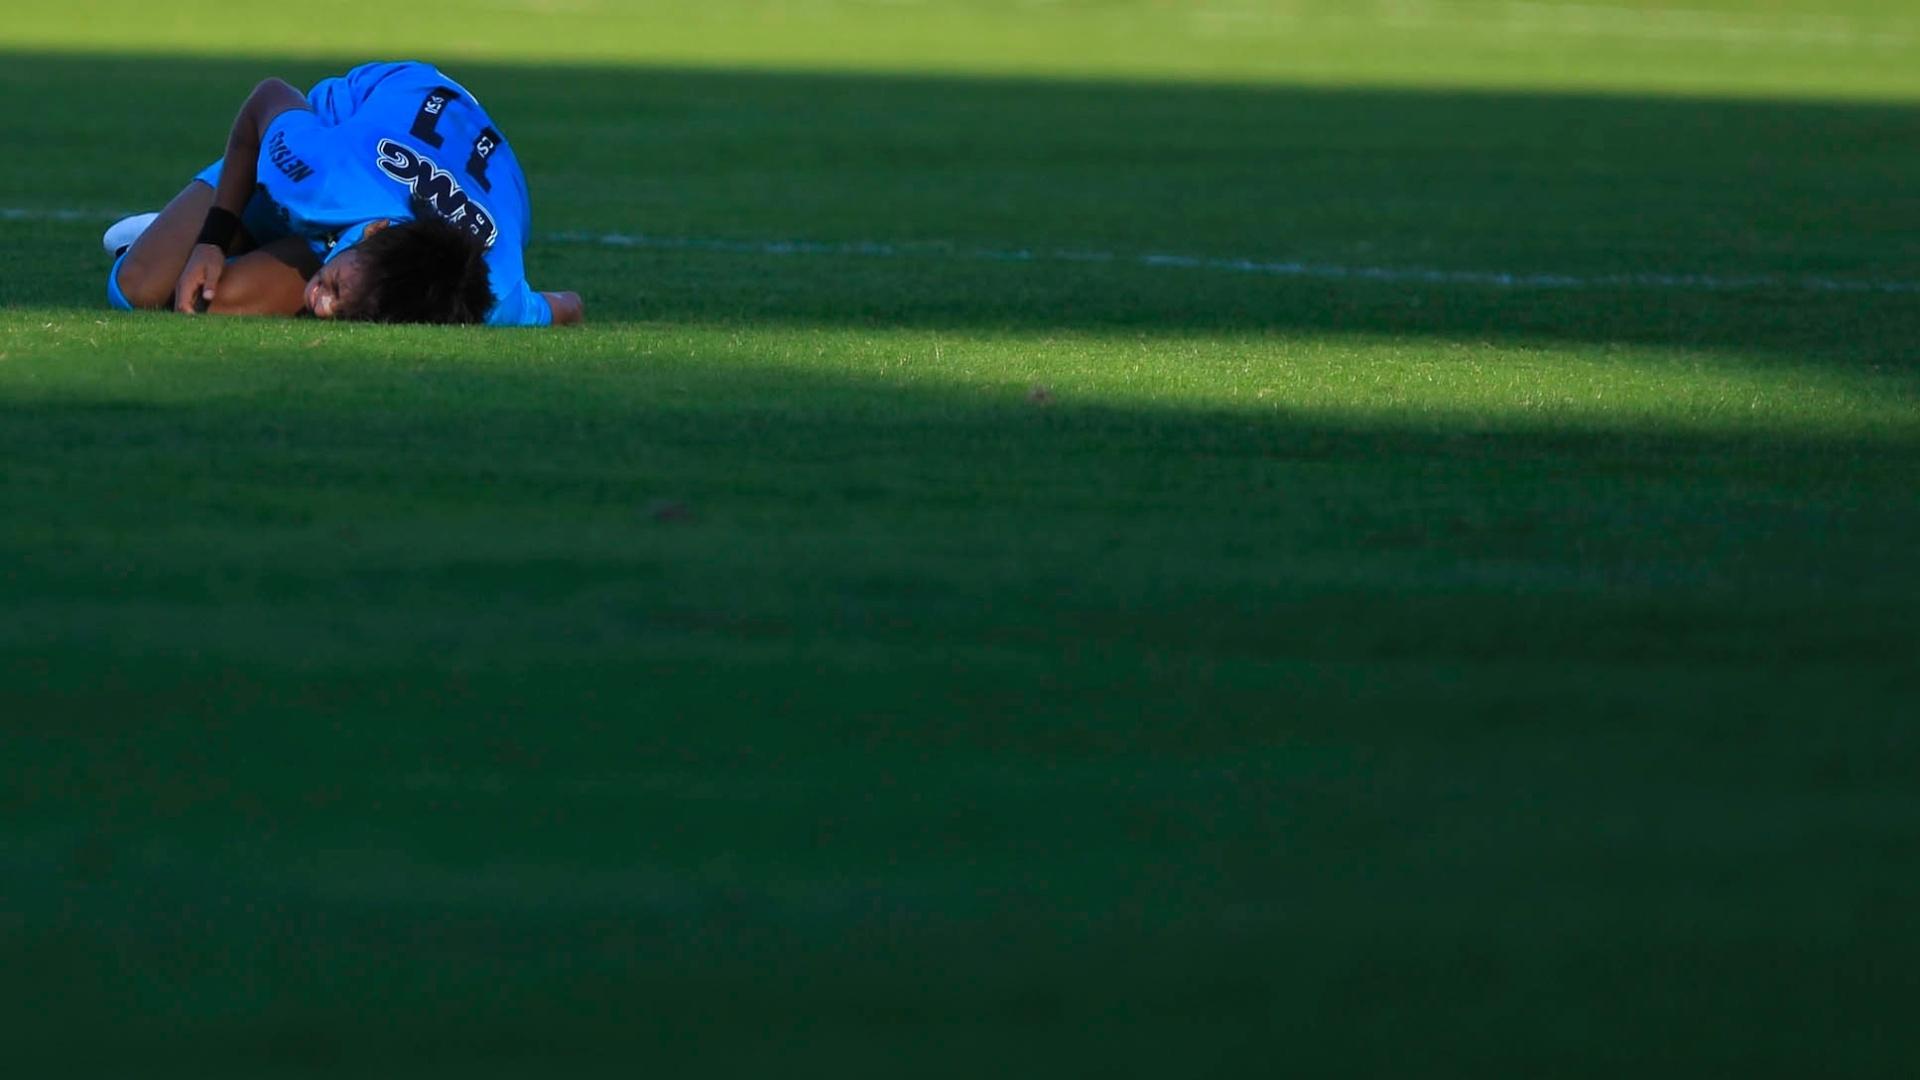 Neymar fica caído no gramado após sofrer falta dura de jogador da Portuguesa, no Canindé